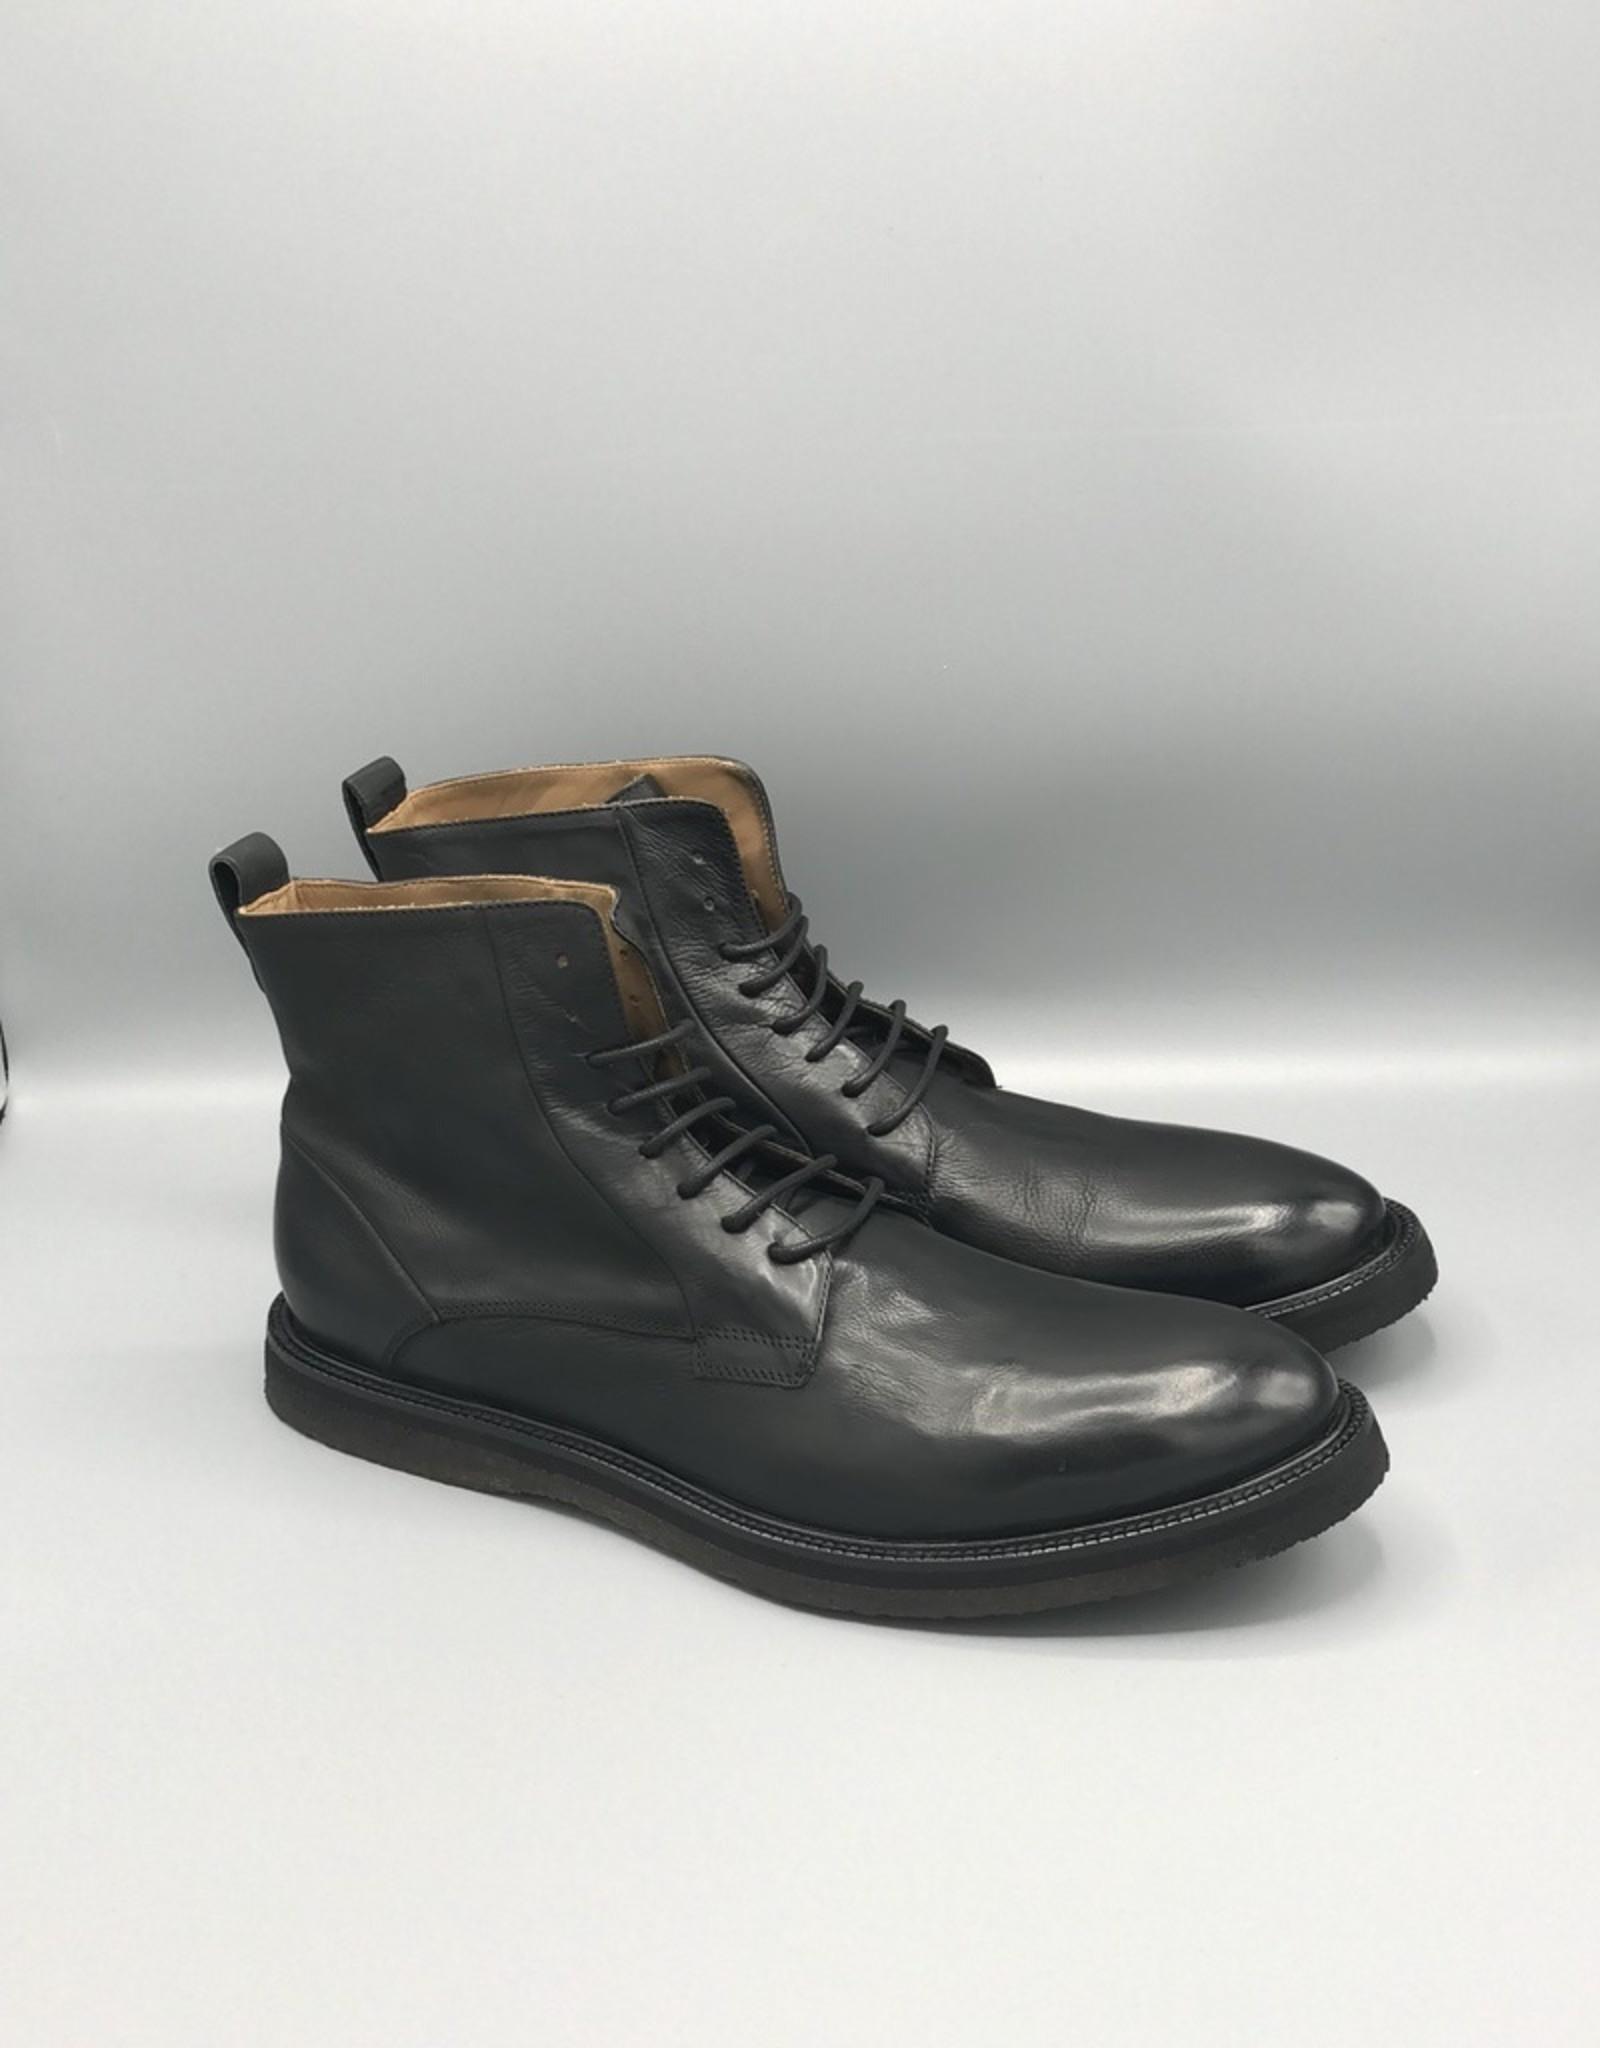 Manovie Toscane Manovie Toscane Phantom Classic Lace Up Leather Dress Boot